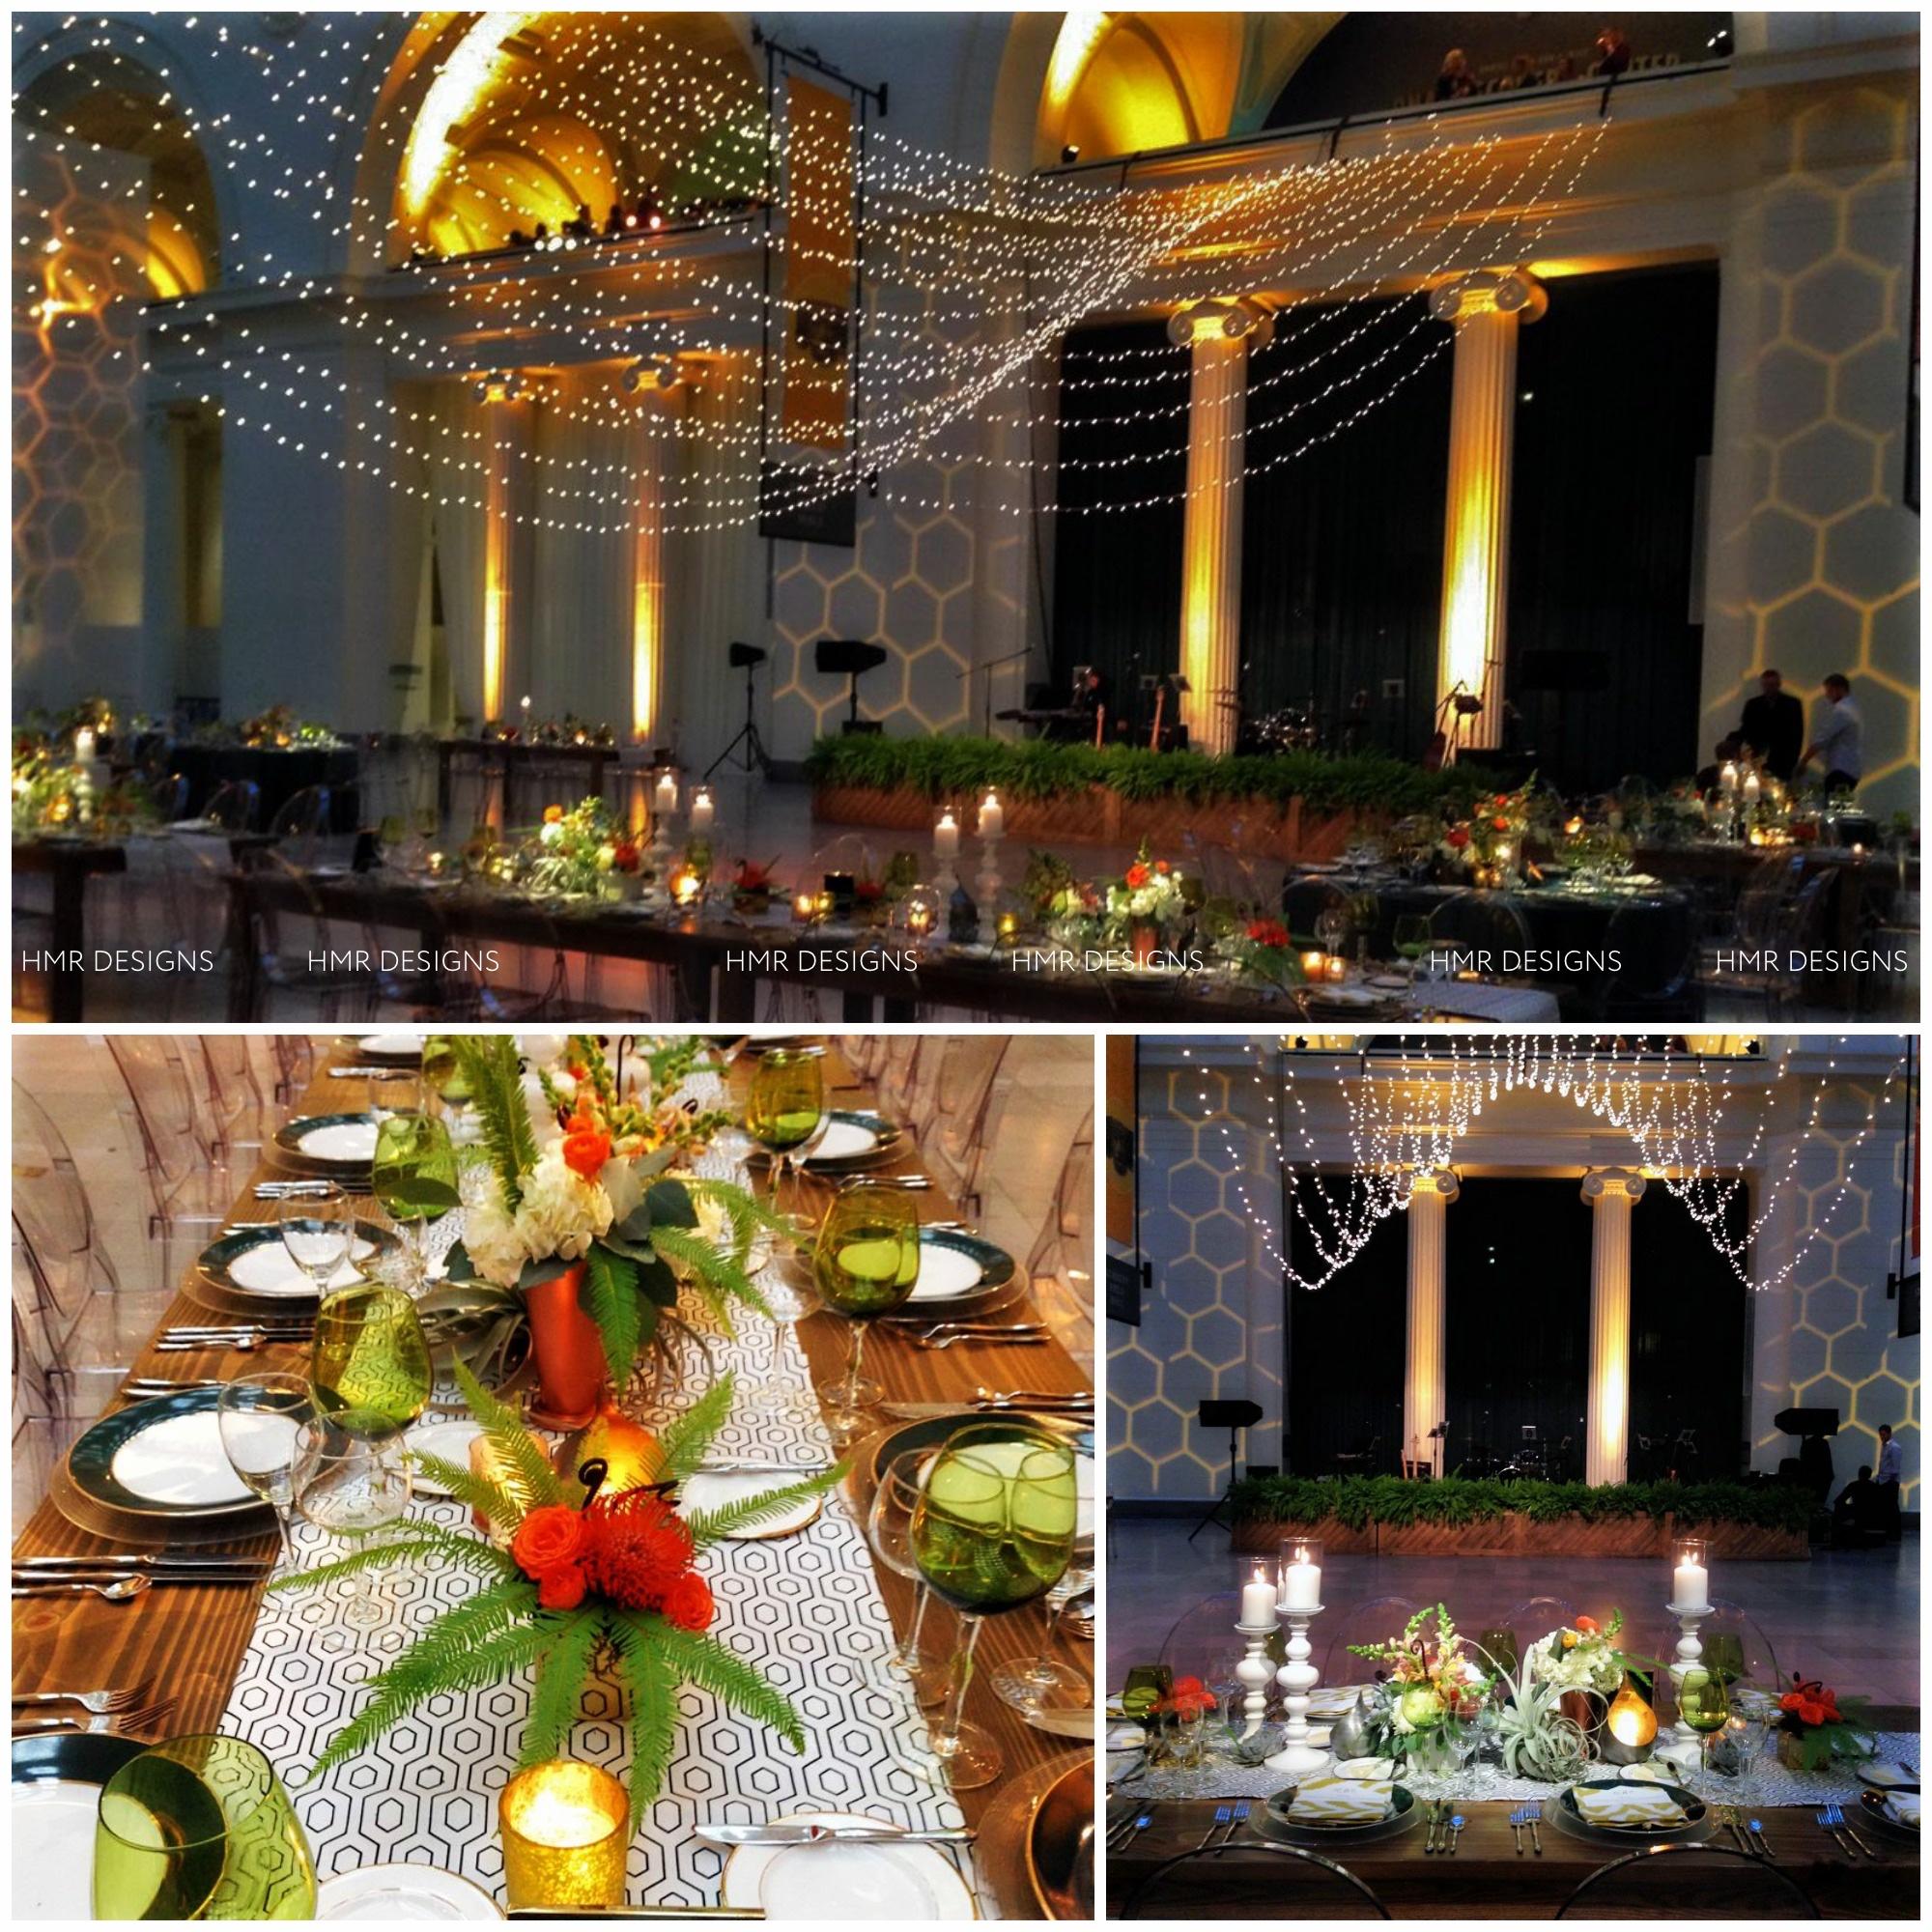 Unique wedding decor by HMR Designs